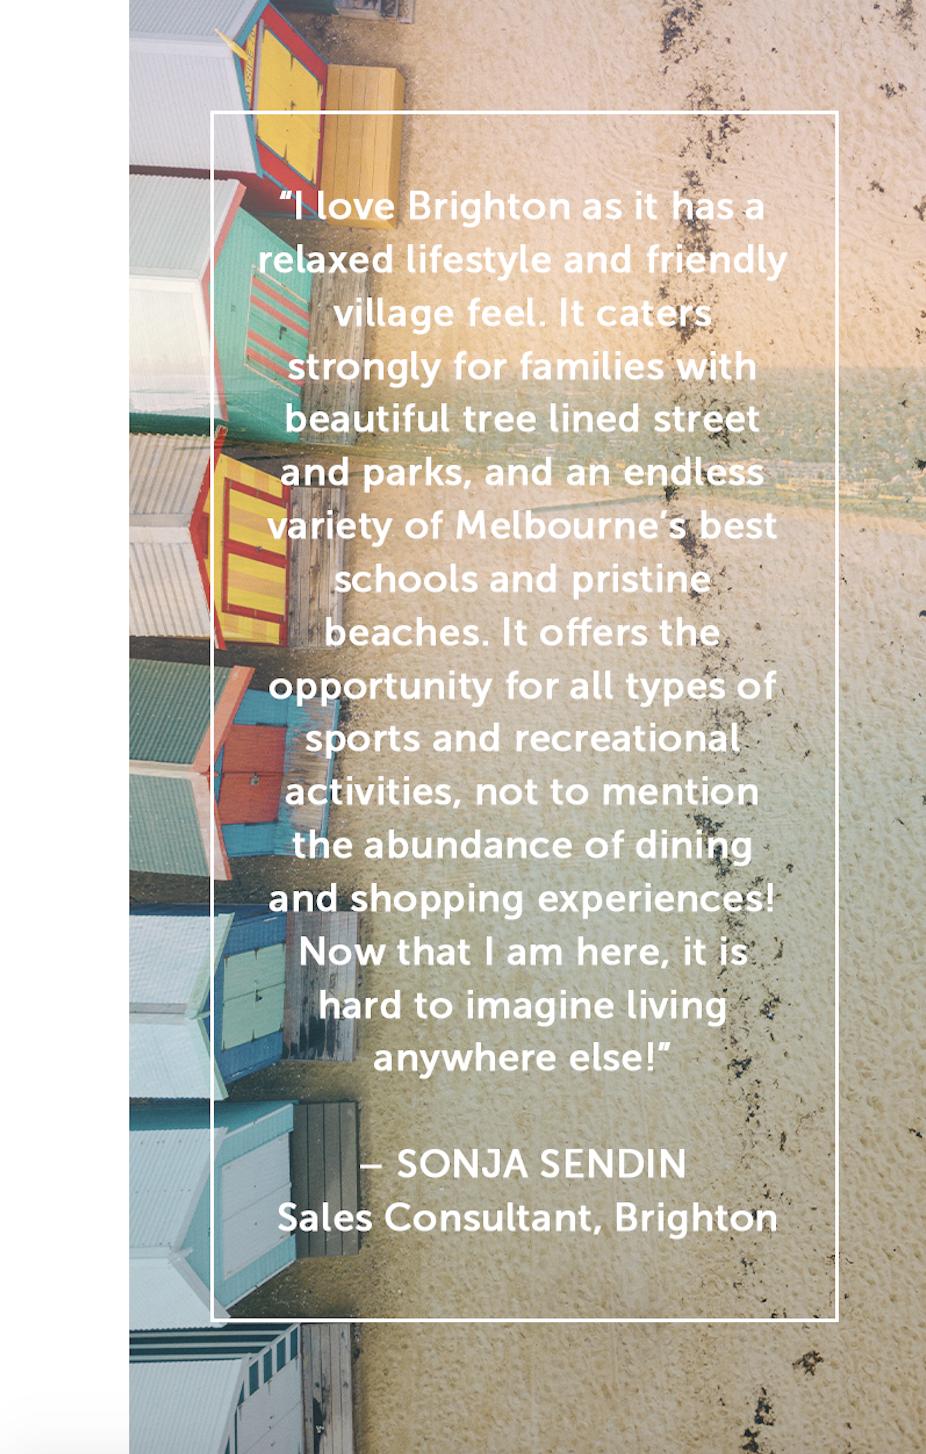 Sonja Sendin quote